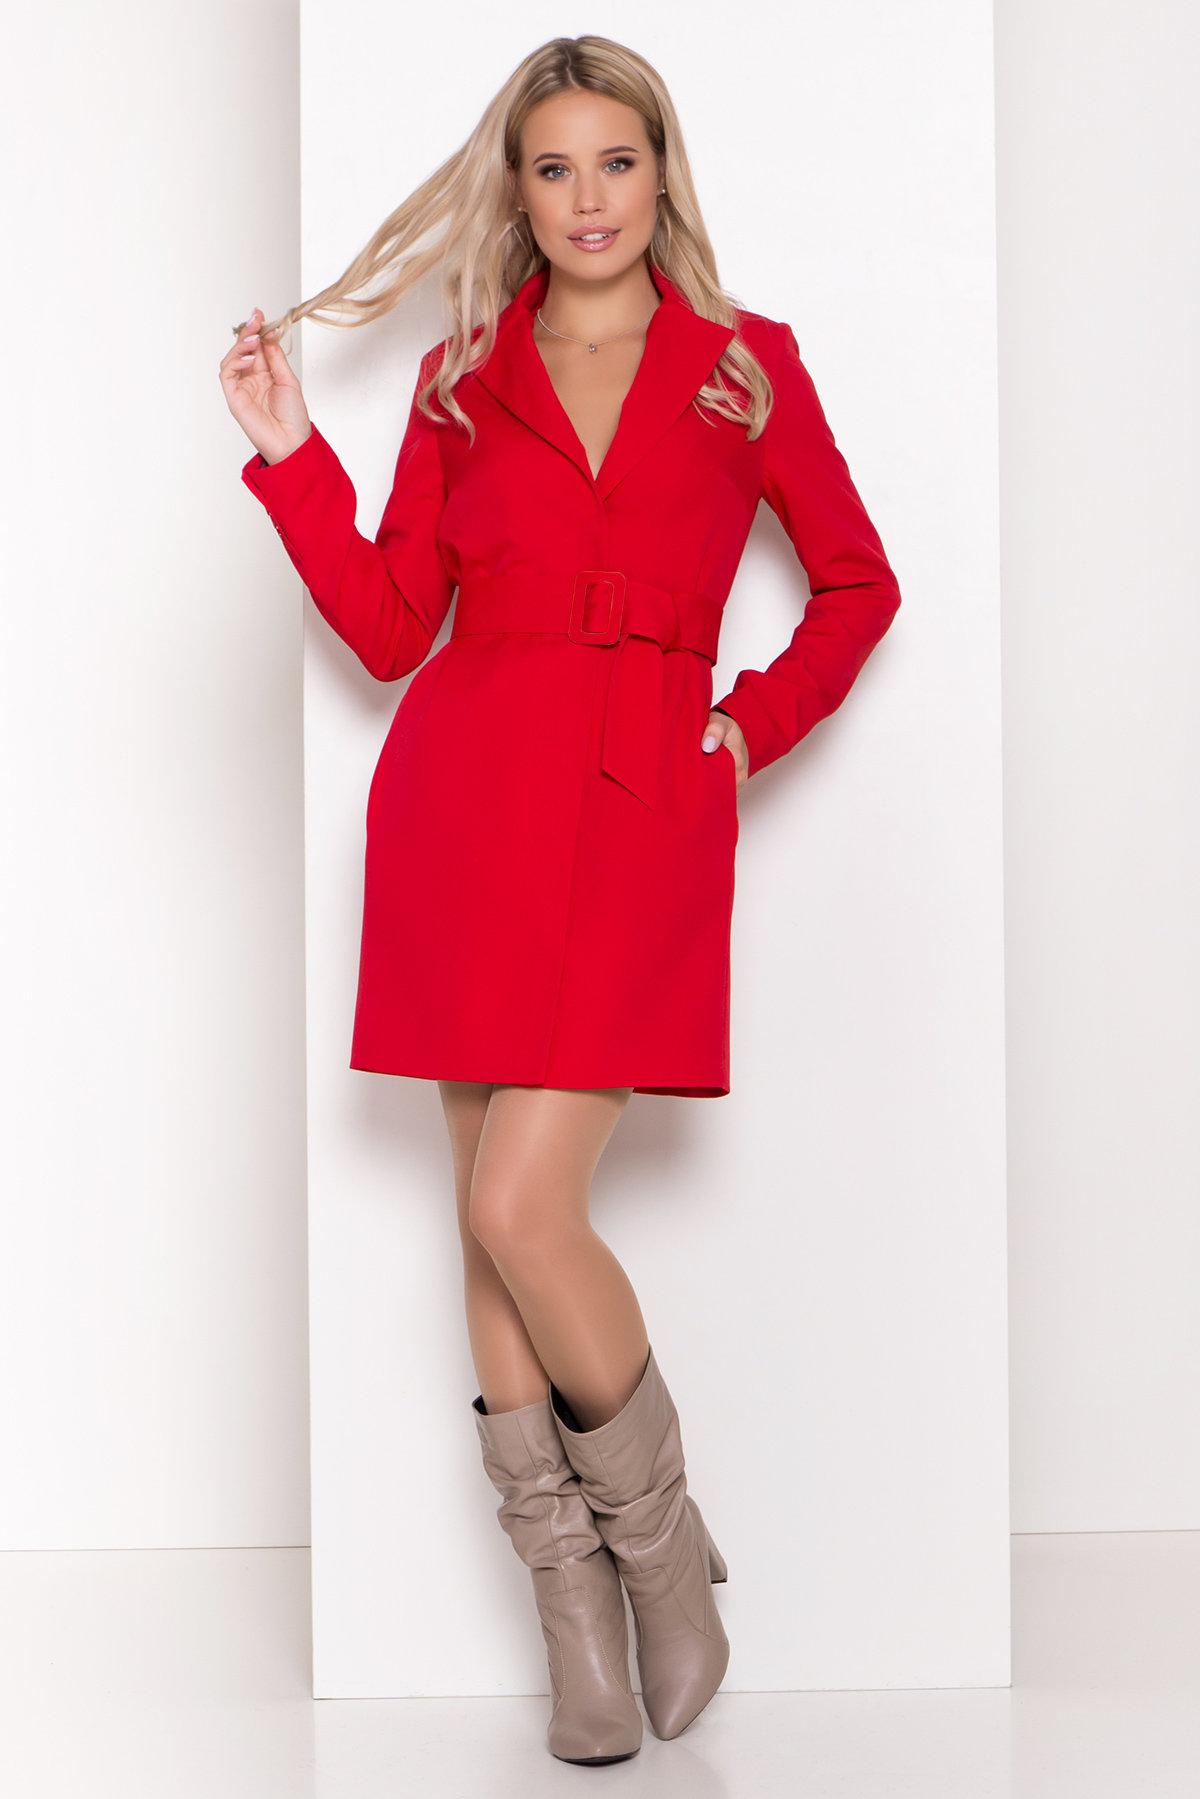 Купить платья оптом Украина Стильное платье-жакет Маркиза 8095